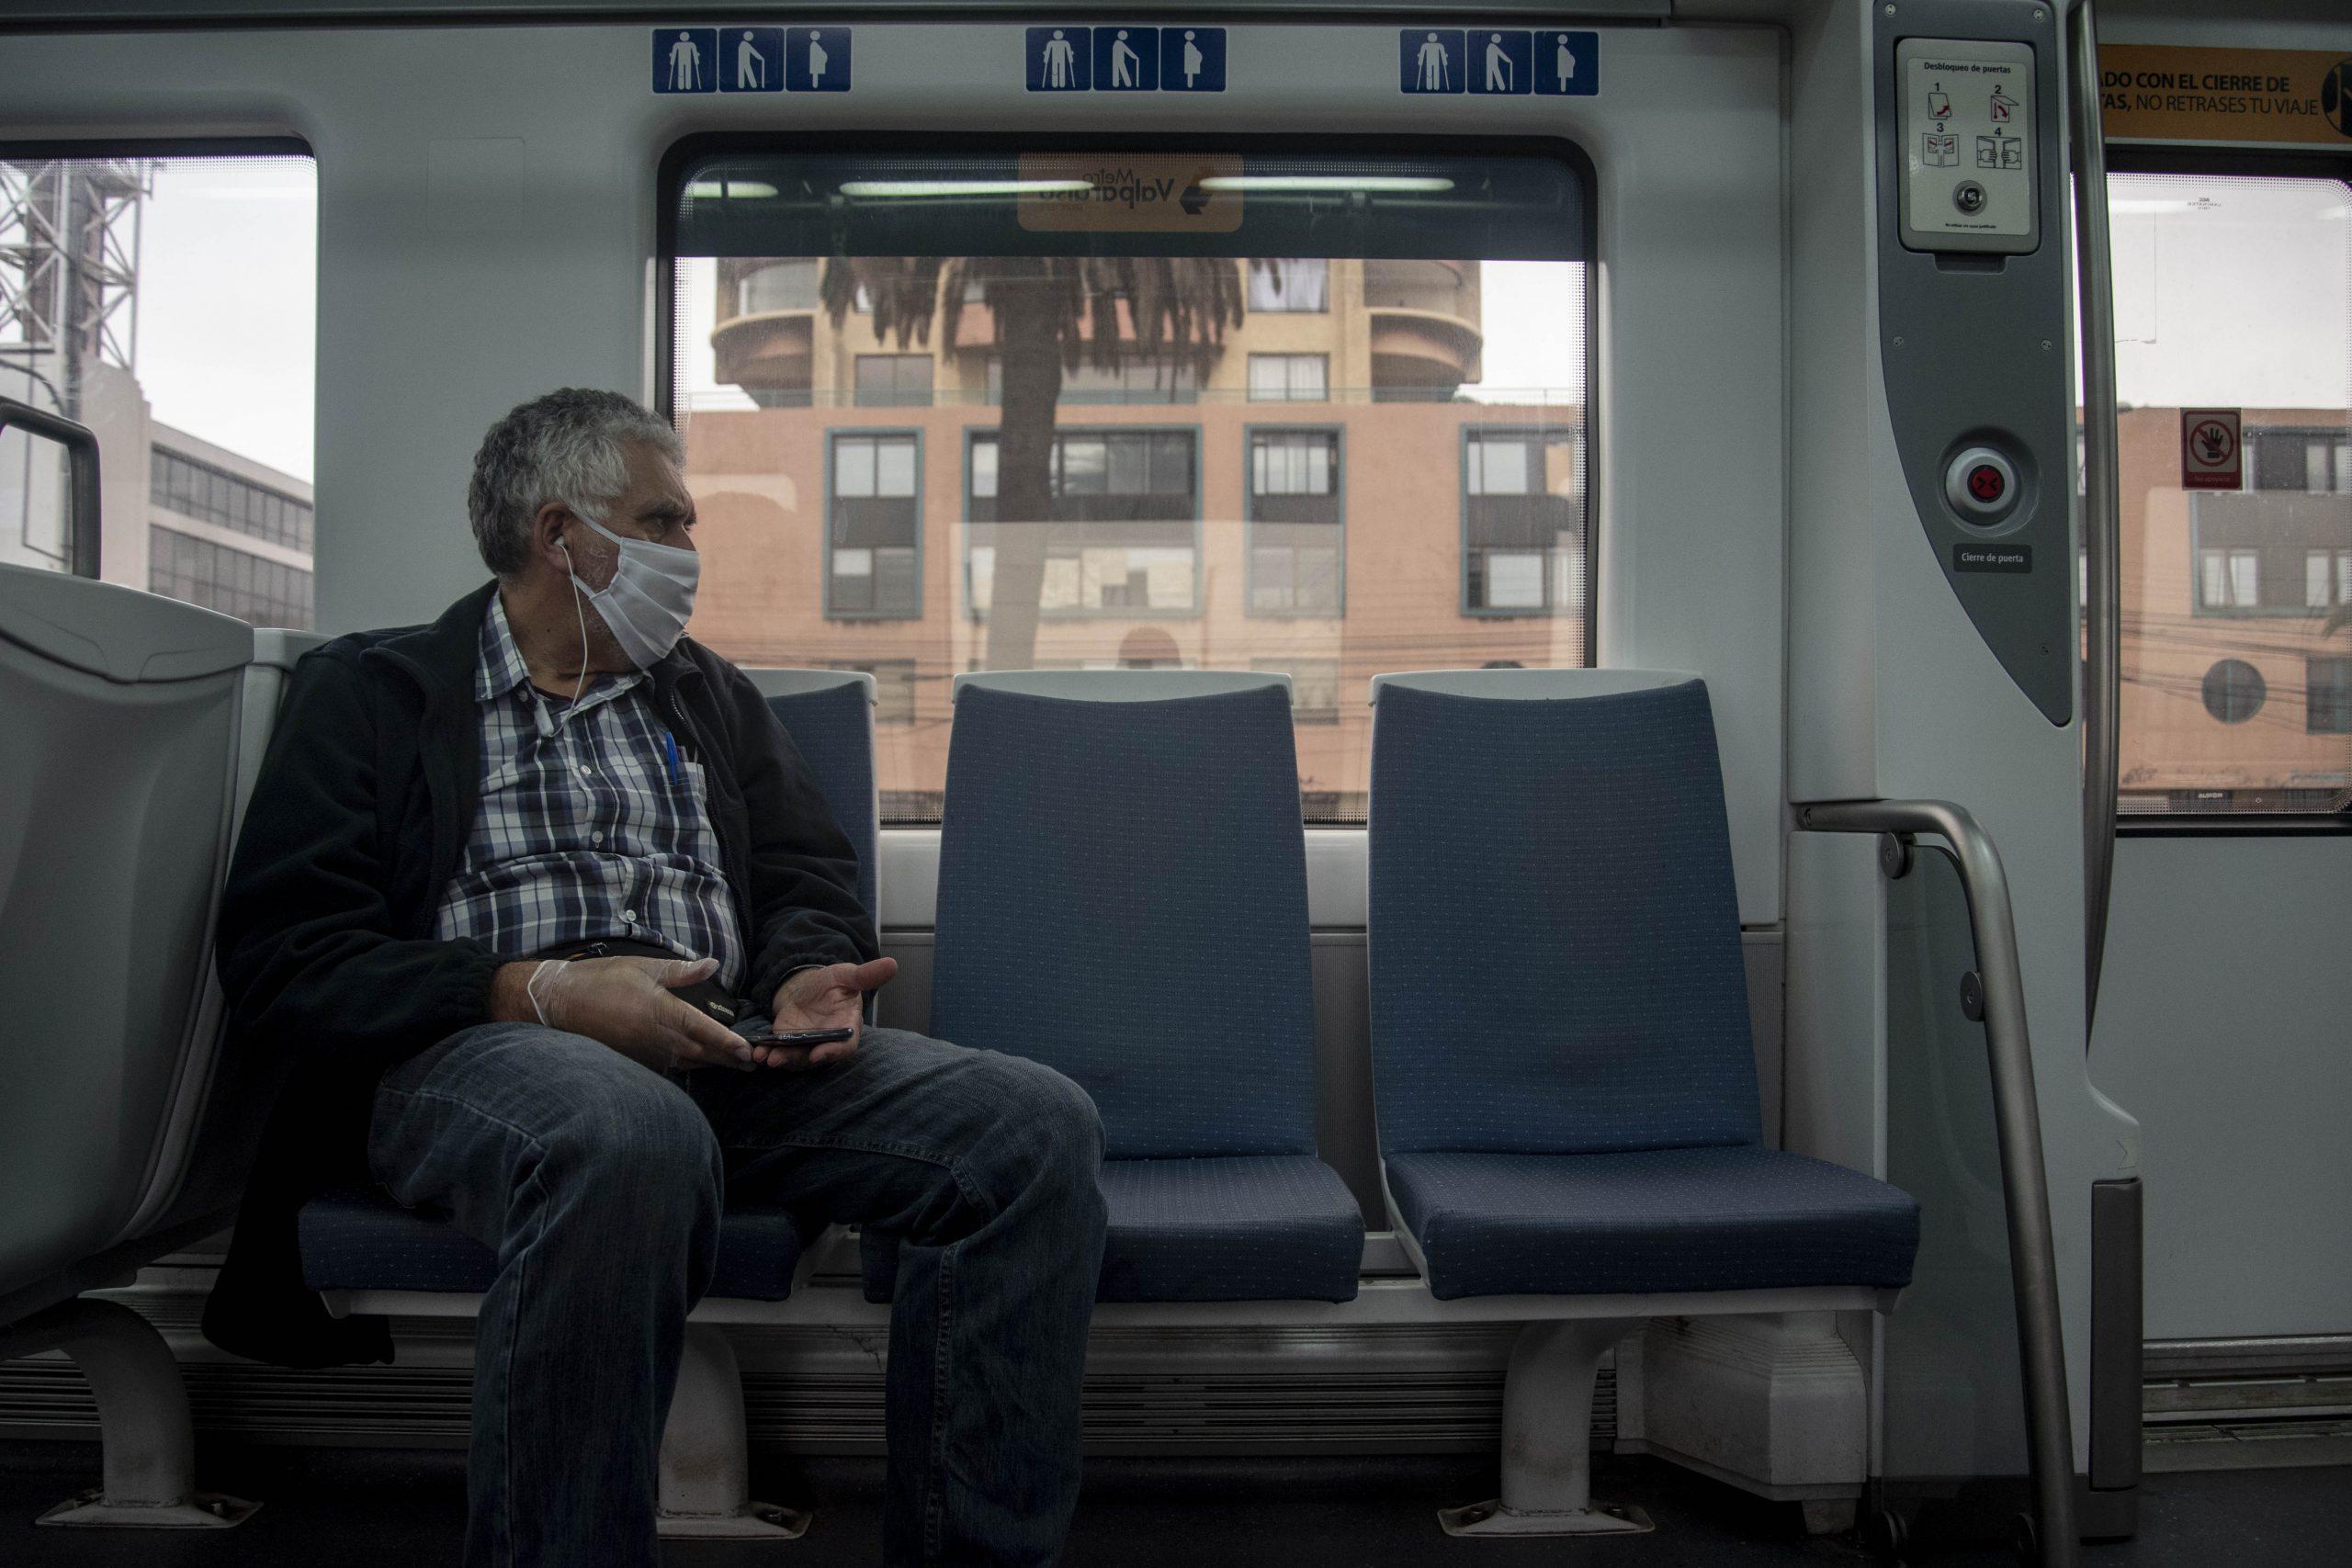 """VI""""A DEL MAR: Metro Tren En El Primer Dia De Uso Obligatorio De Mascarillas En El Transporte Publico"""